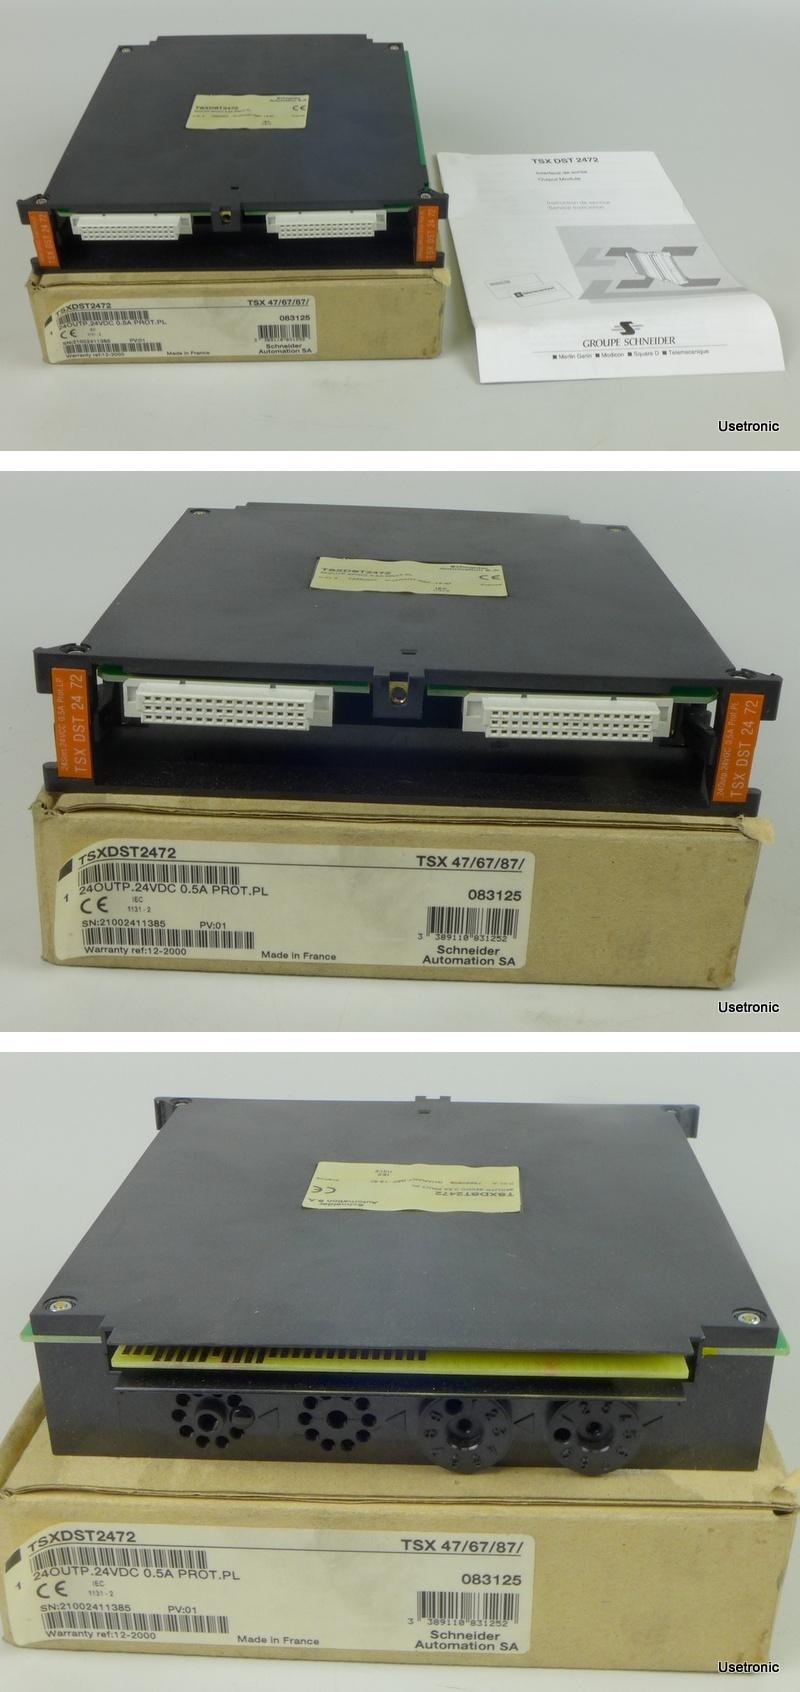 Telemecanique TSXDST2472